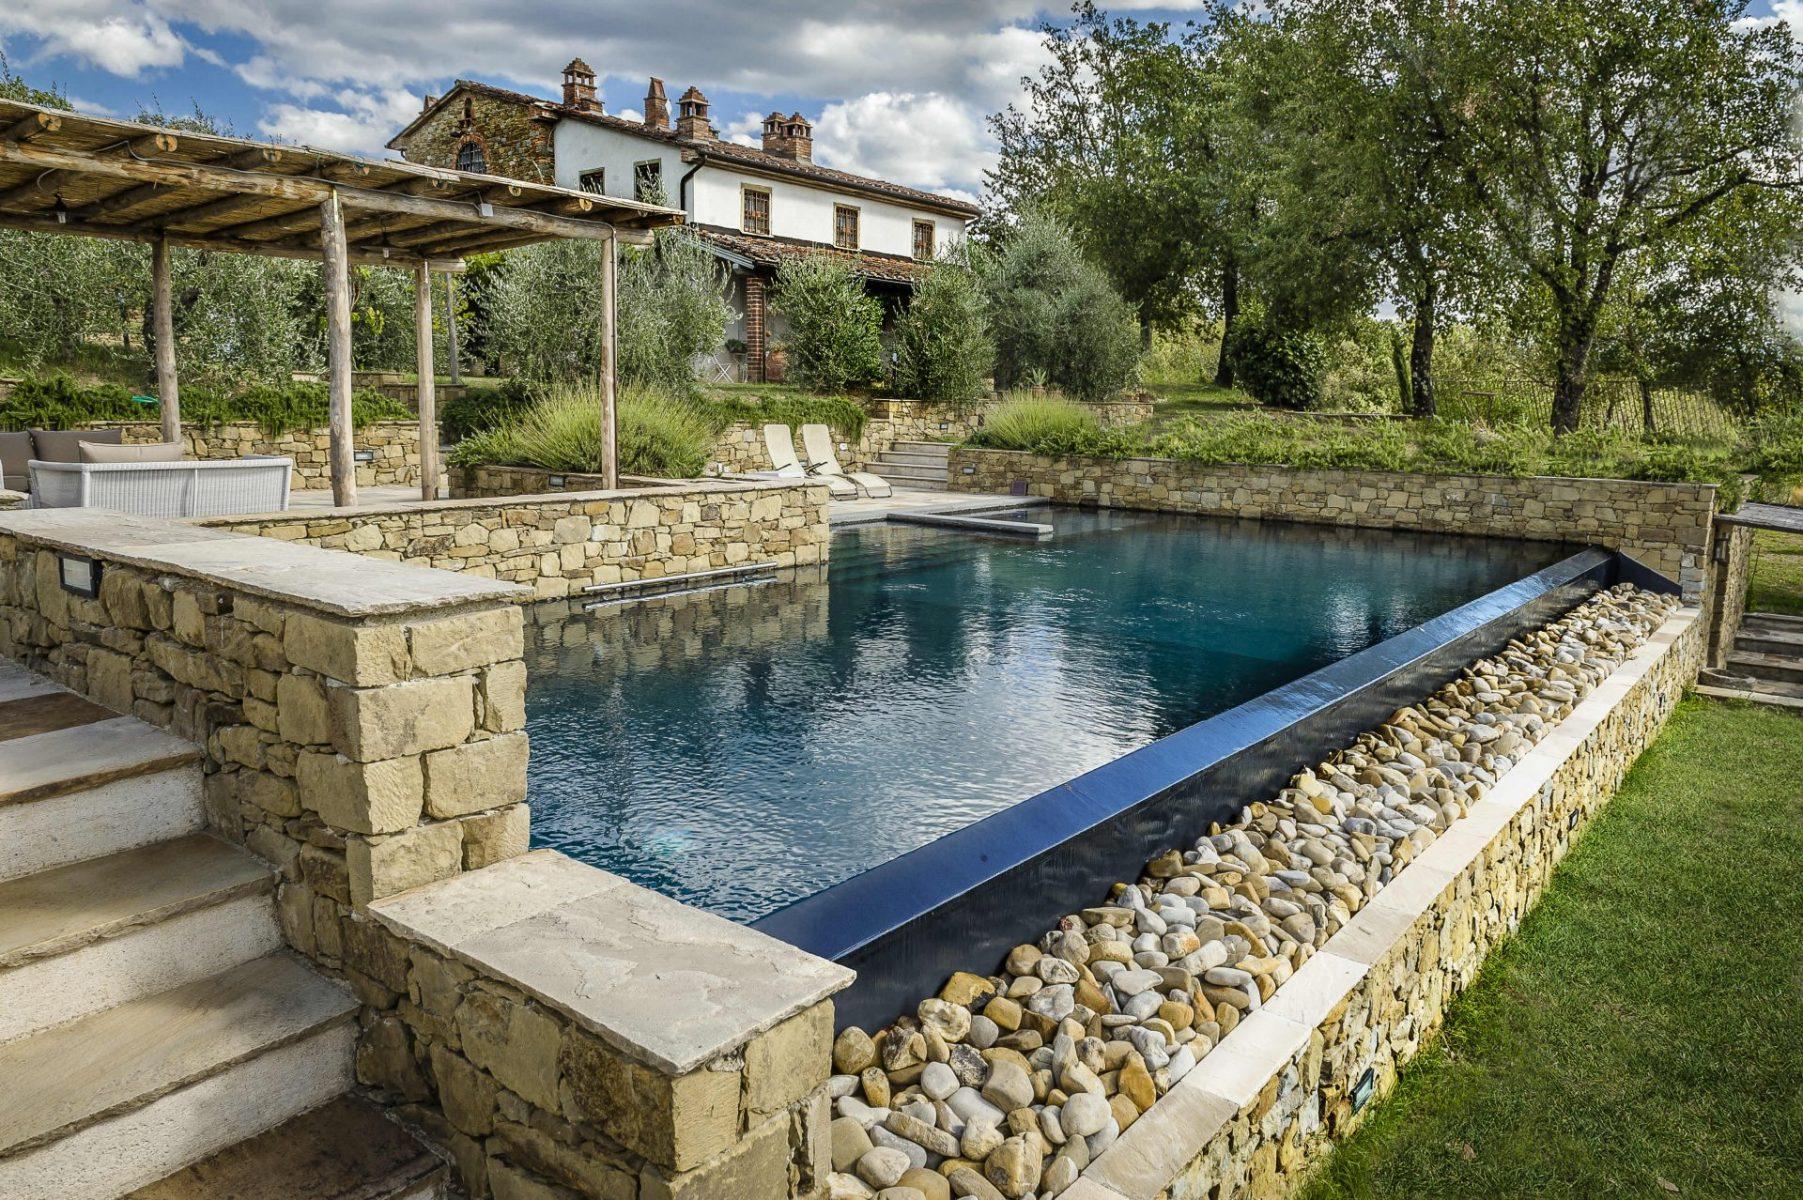 Giardini piscine castiglione idee per il giardino - Piscine per giardino ...